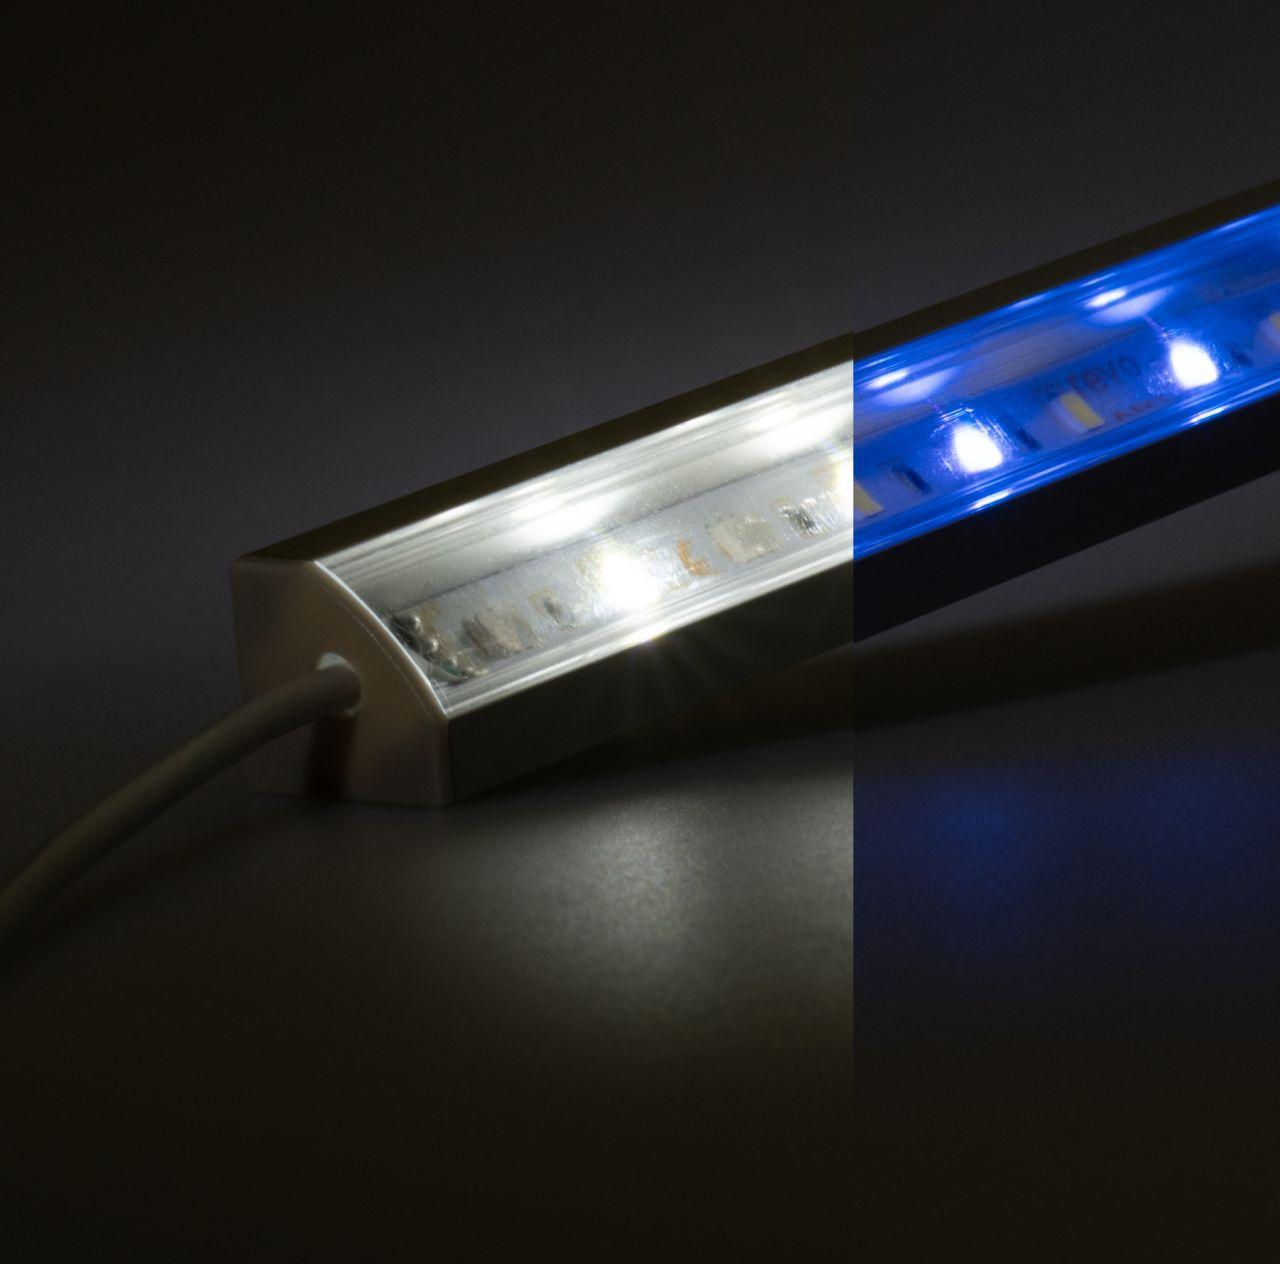 24V Aluminium LED Eckleiste – RGBW ( RGB + weiß ) – transparente Abdeckung